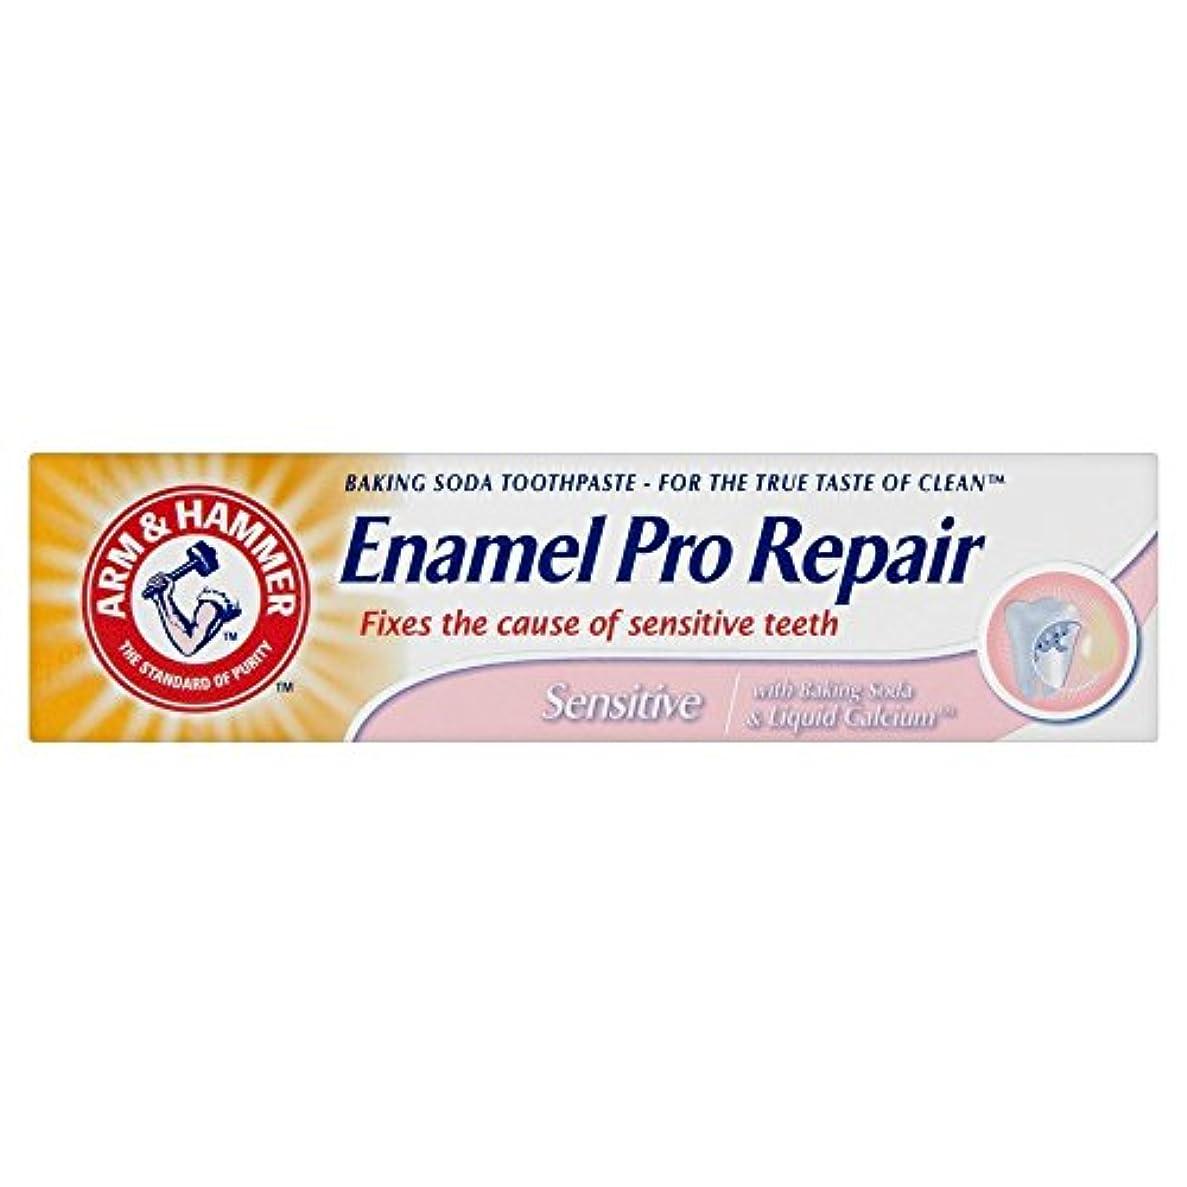 鏡出くわすスパンArm & Hammer Enamel Care Sensitive Toothpaste Tube (75ml) アームとハンマーエナメルケア敏感歯磨き粉のチューブ( 75ミリリットル) [並行輸入品]